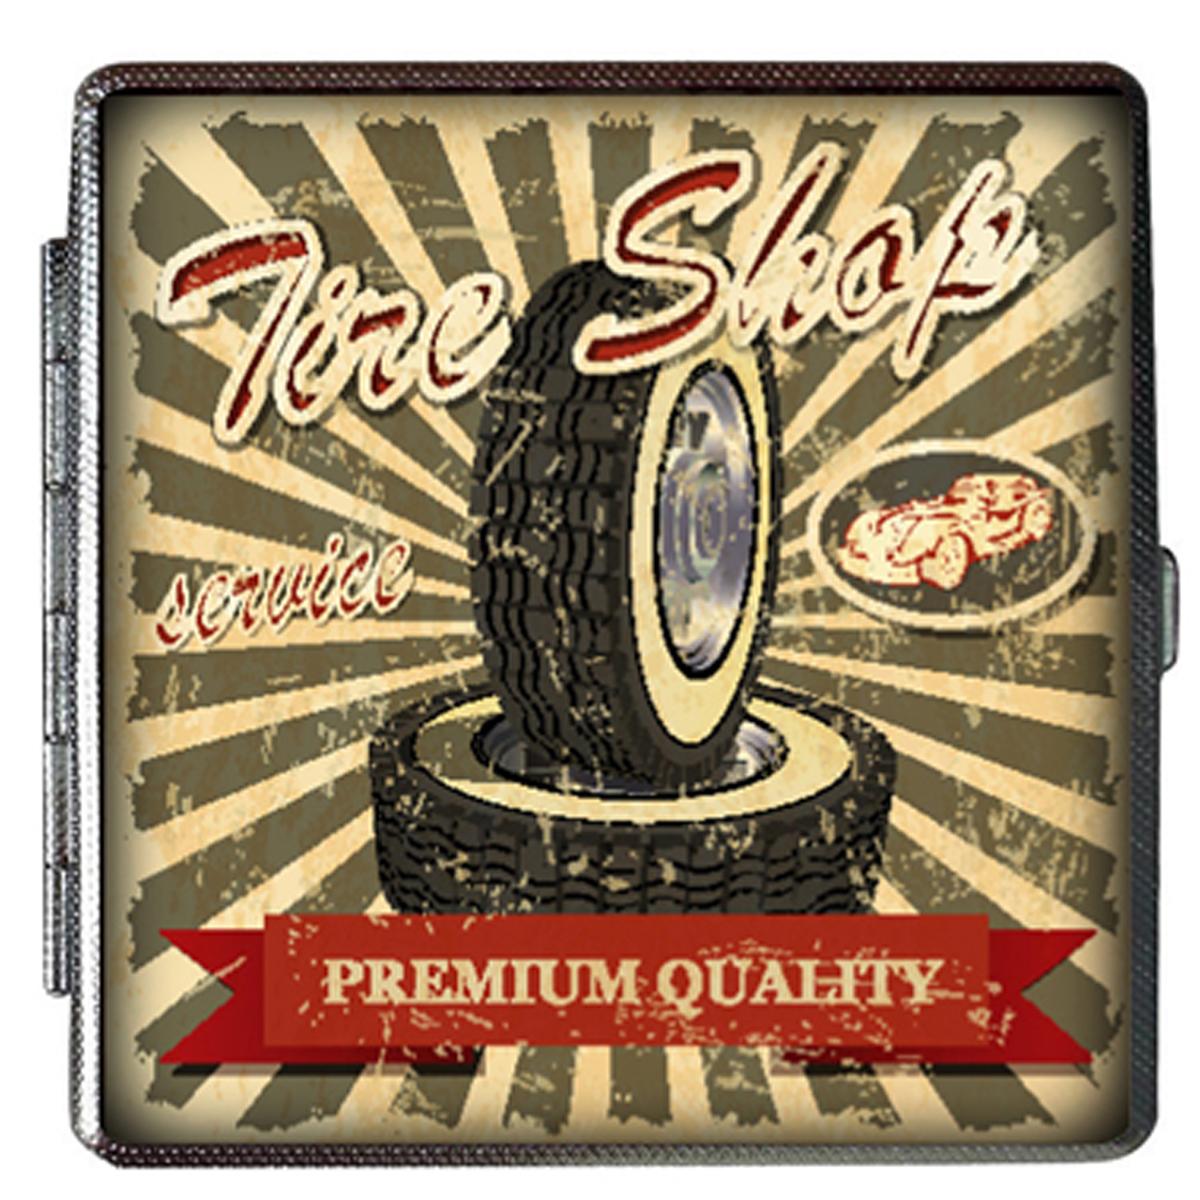 Etui à cigarettes \'Classic Cars\' gris rouge (vintage) - 100x94x20 mm - [Q4990]